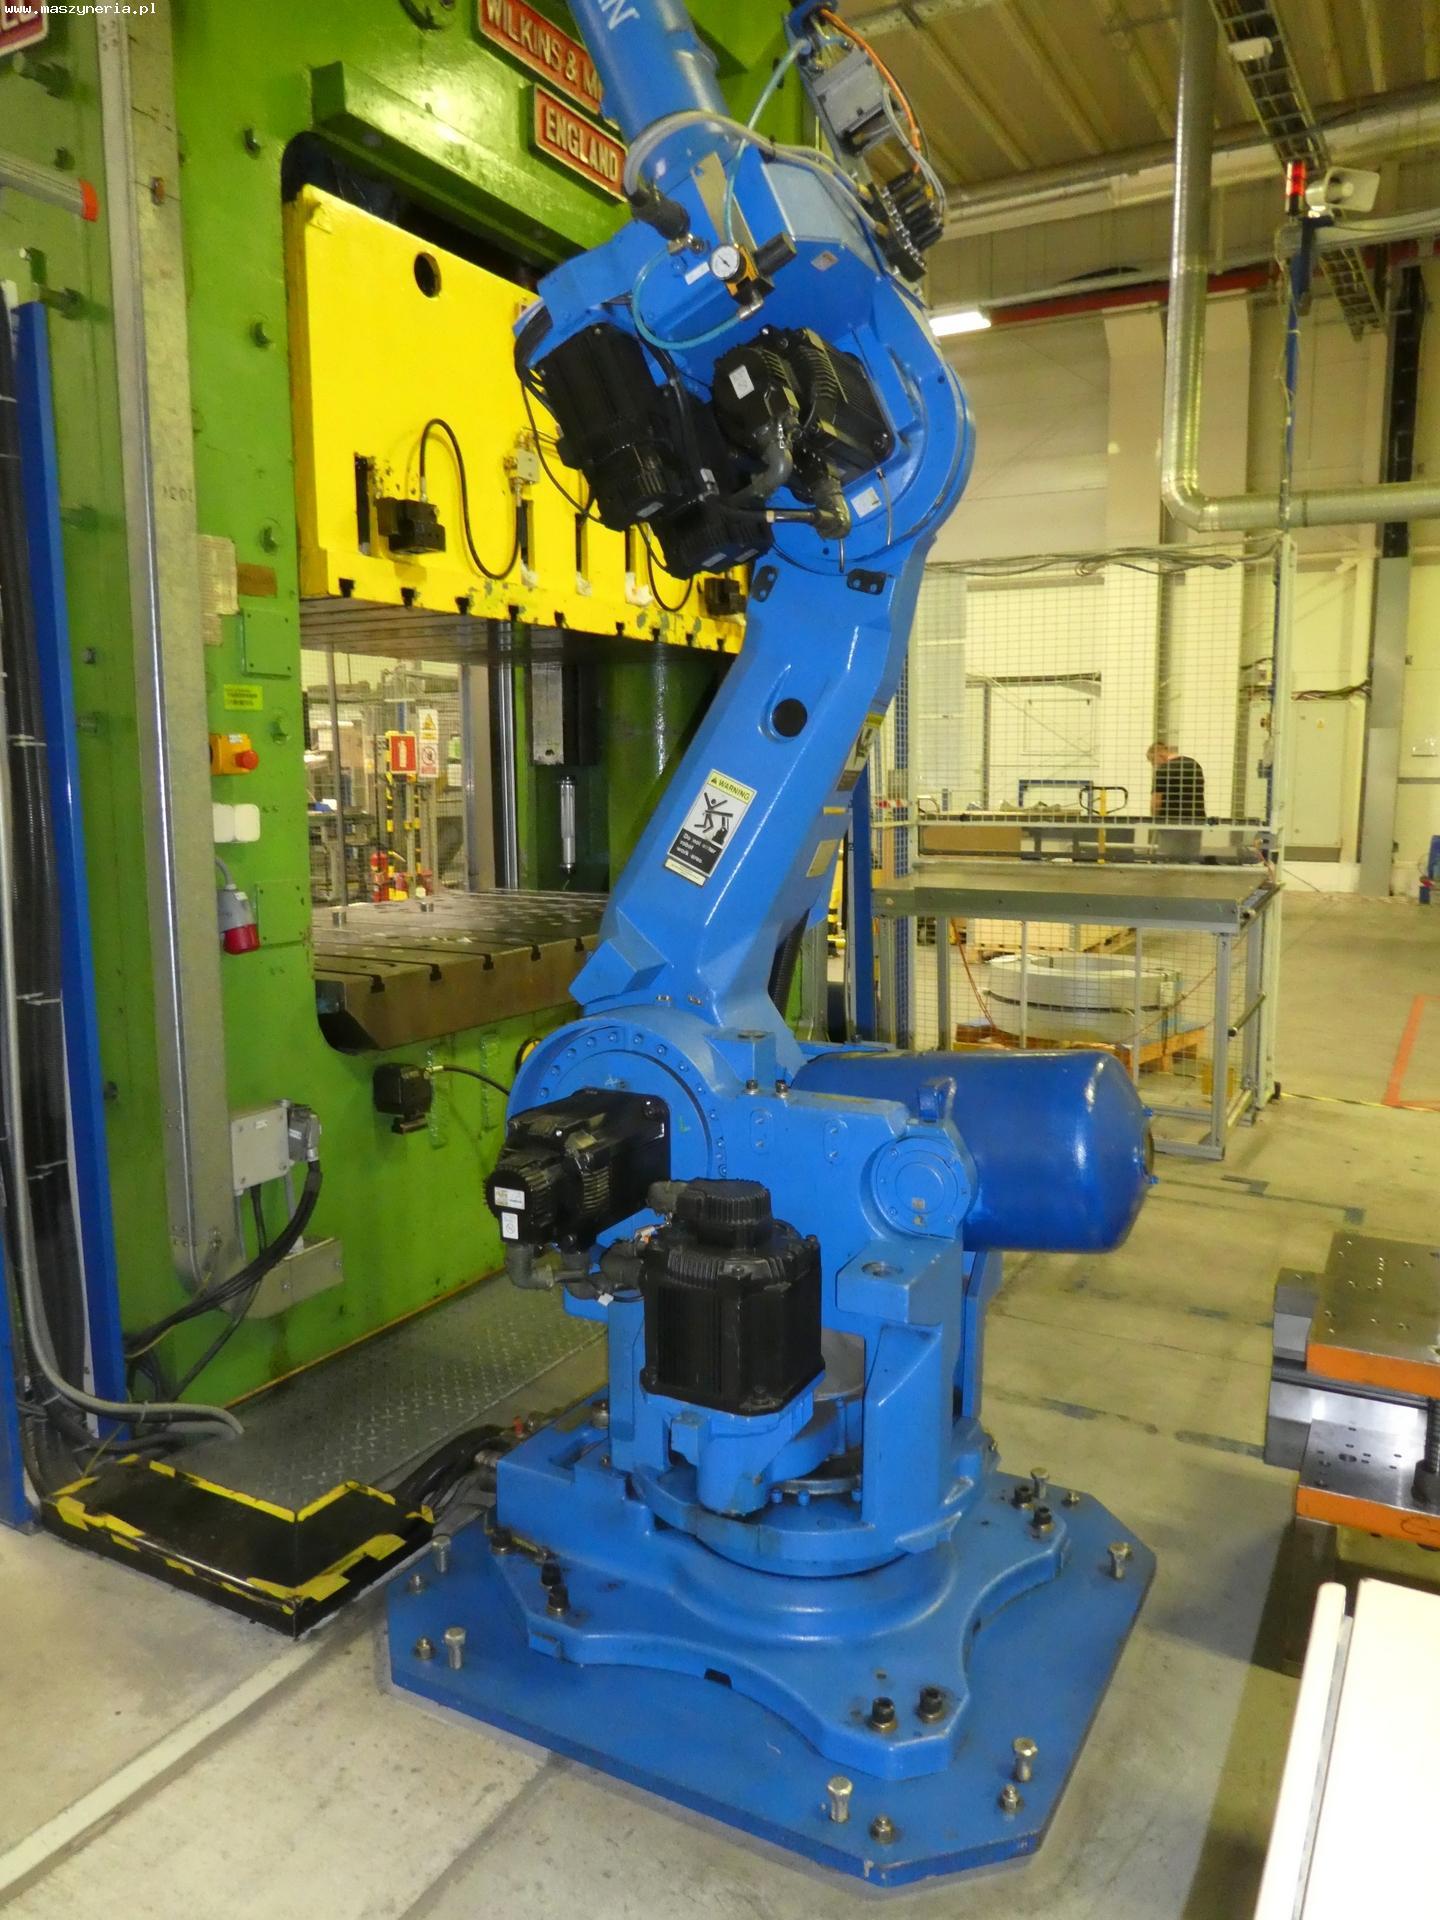 Pressa meccanica due montanti WILKINS MITCHELL E84-4-12 in vendita - foto 2